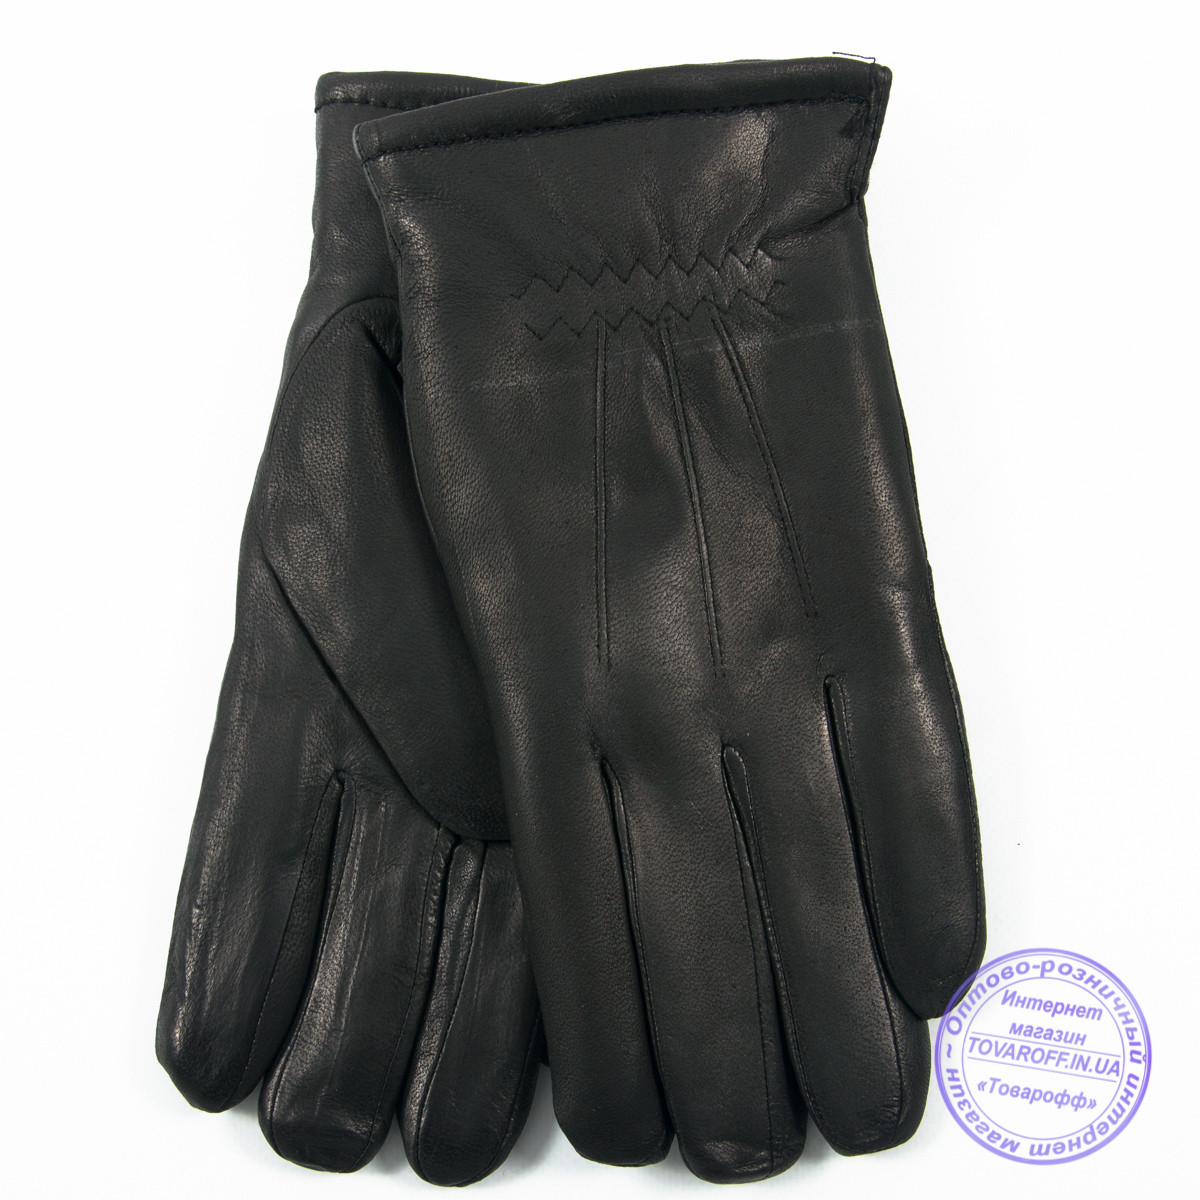 Оптом мужские кожаные (матовая кожа) перчатки зимние на сером шерстяном меху - №M30-4